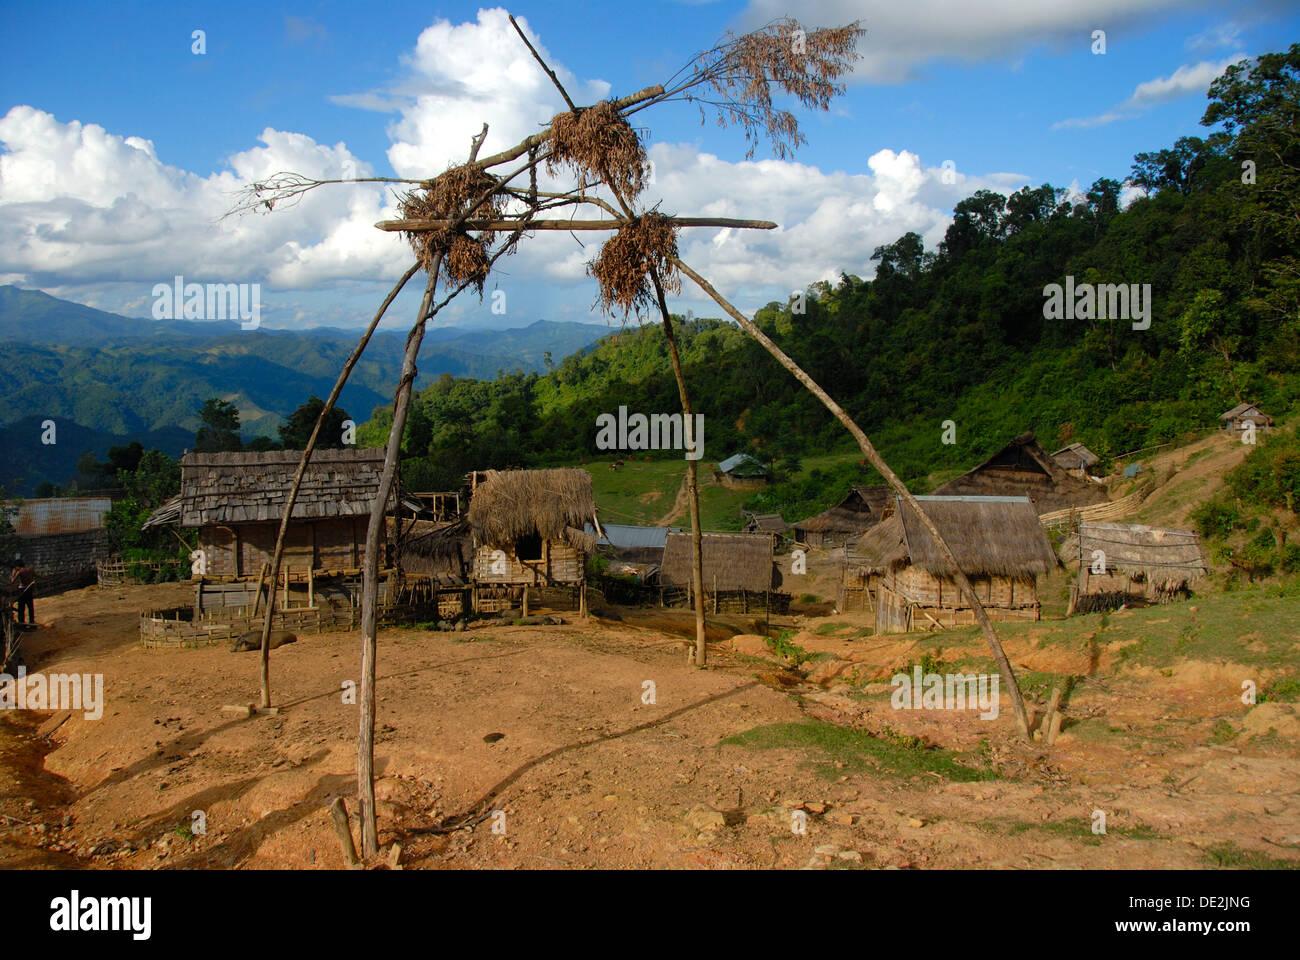 La povertà, la religione naturale e animisti, la convinzione di alcolici, la convinzione di spiriti, fantasmi oscillano all'entrata del villaggio, villaggio di Immagini Stock